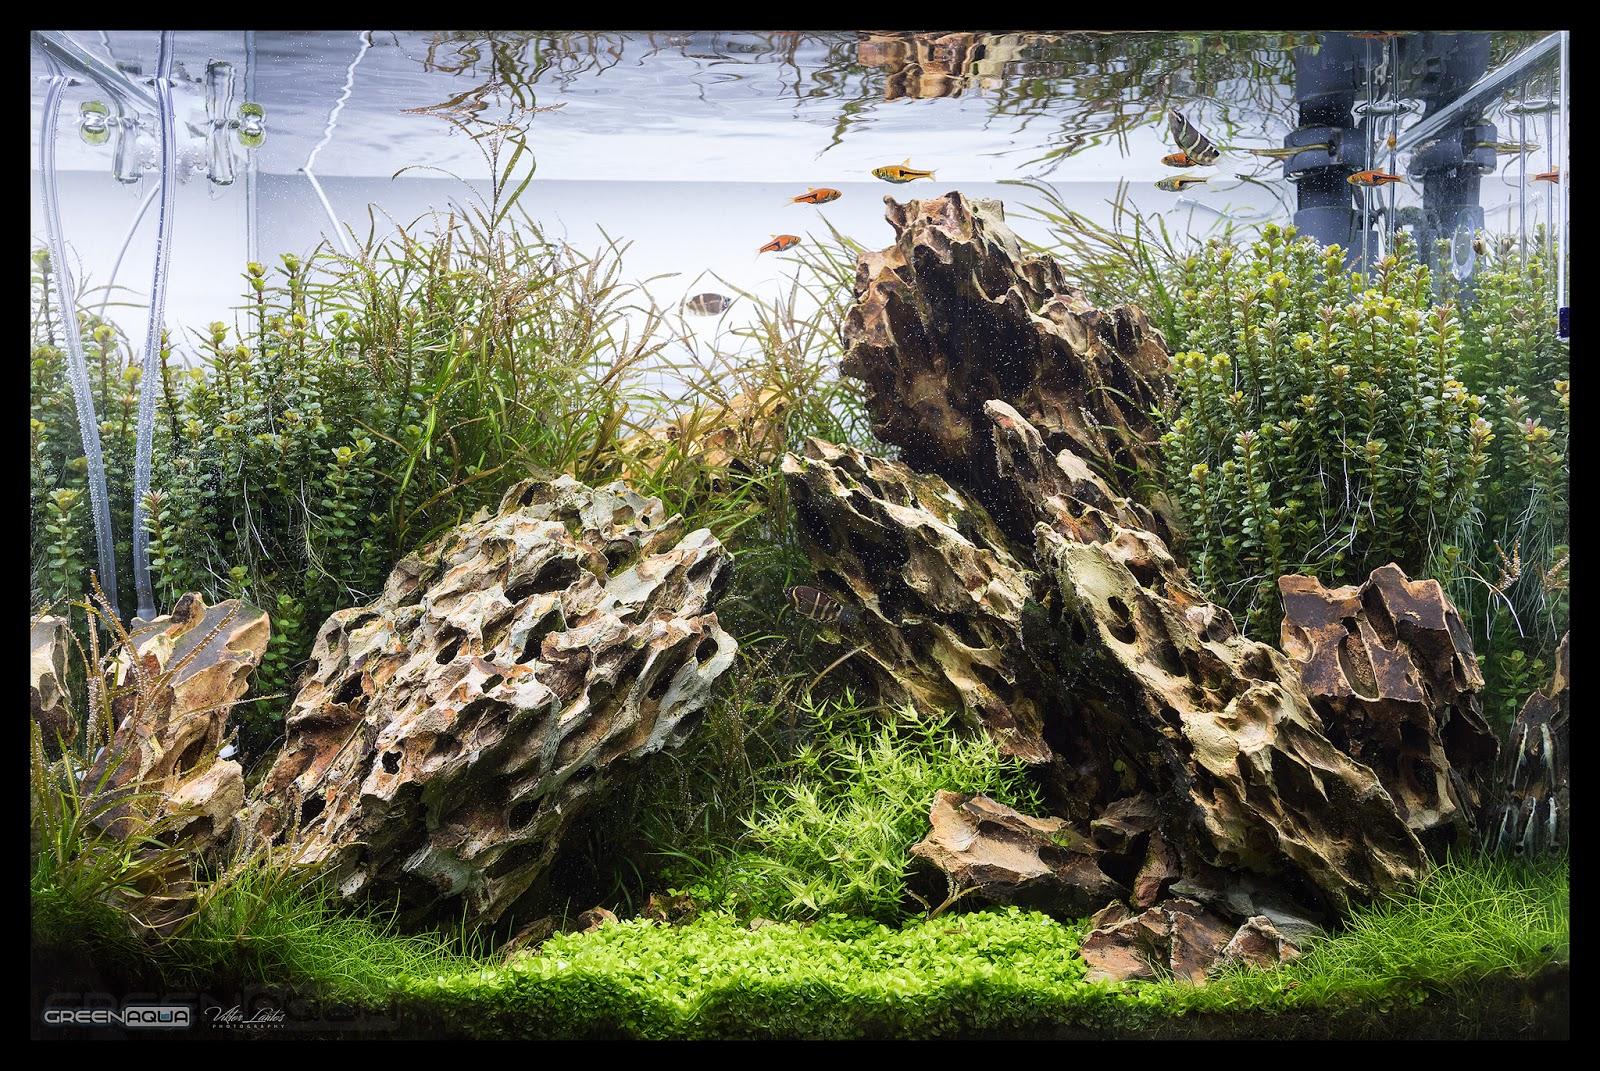 Một hồ thủy sinh có cây vẩy ốc ấn độ ở 2 bên hậu cảnh